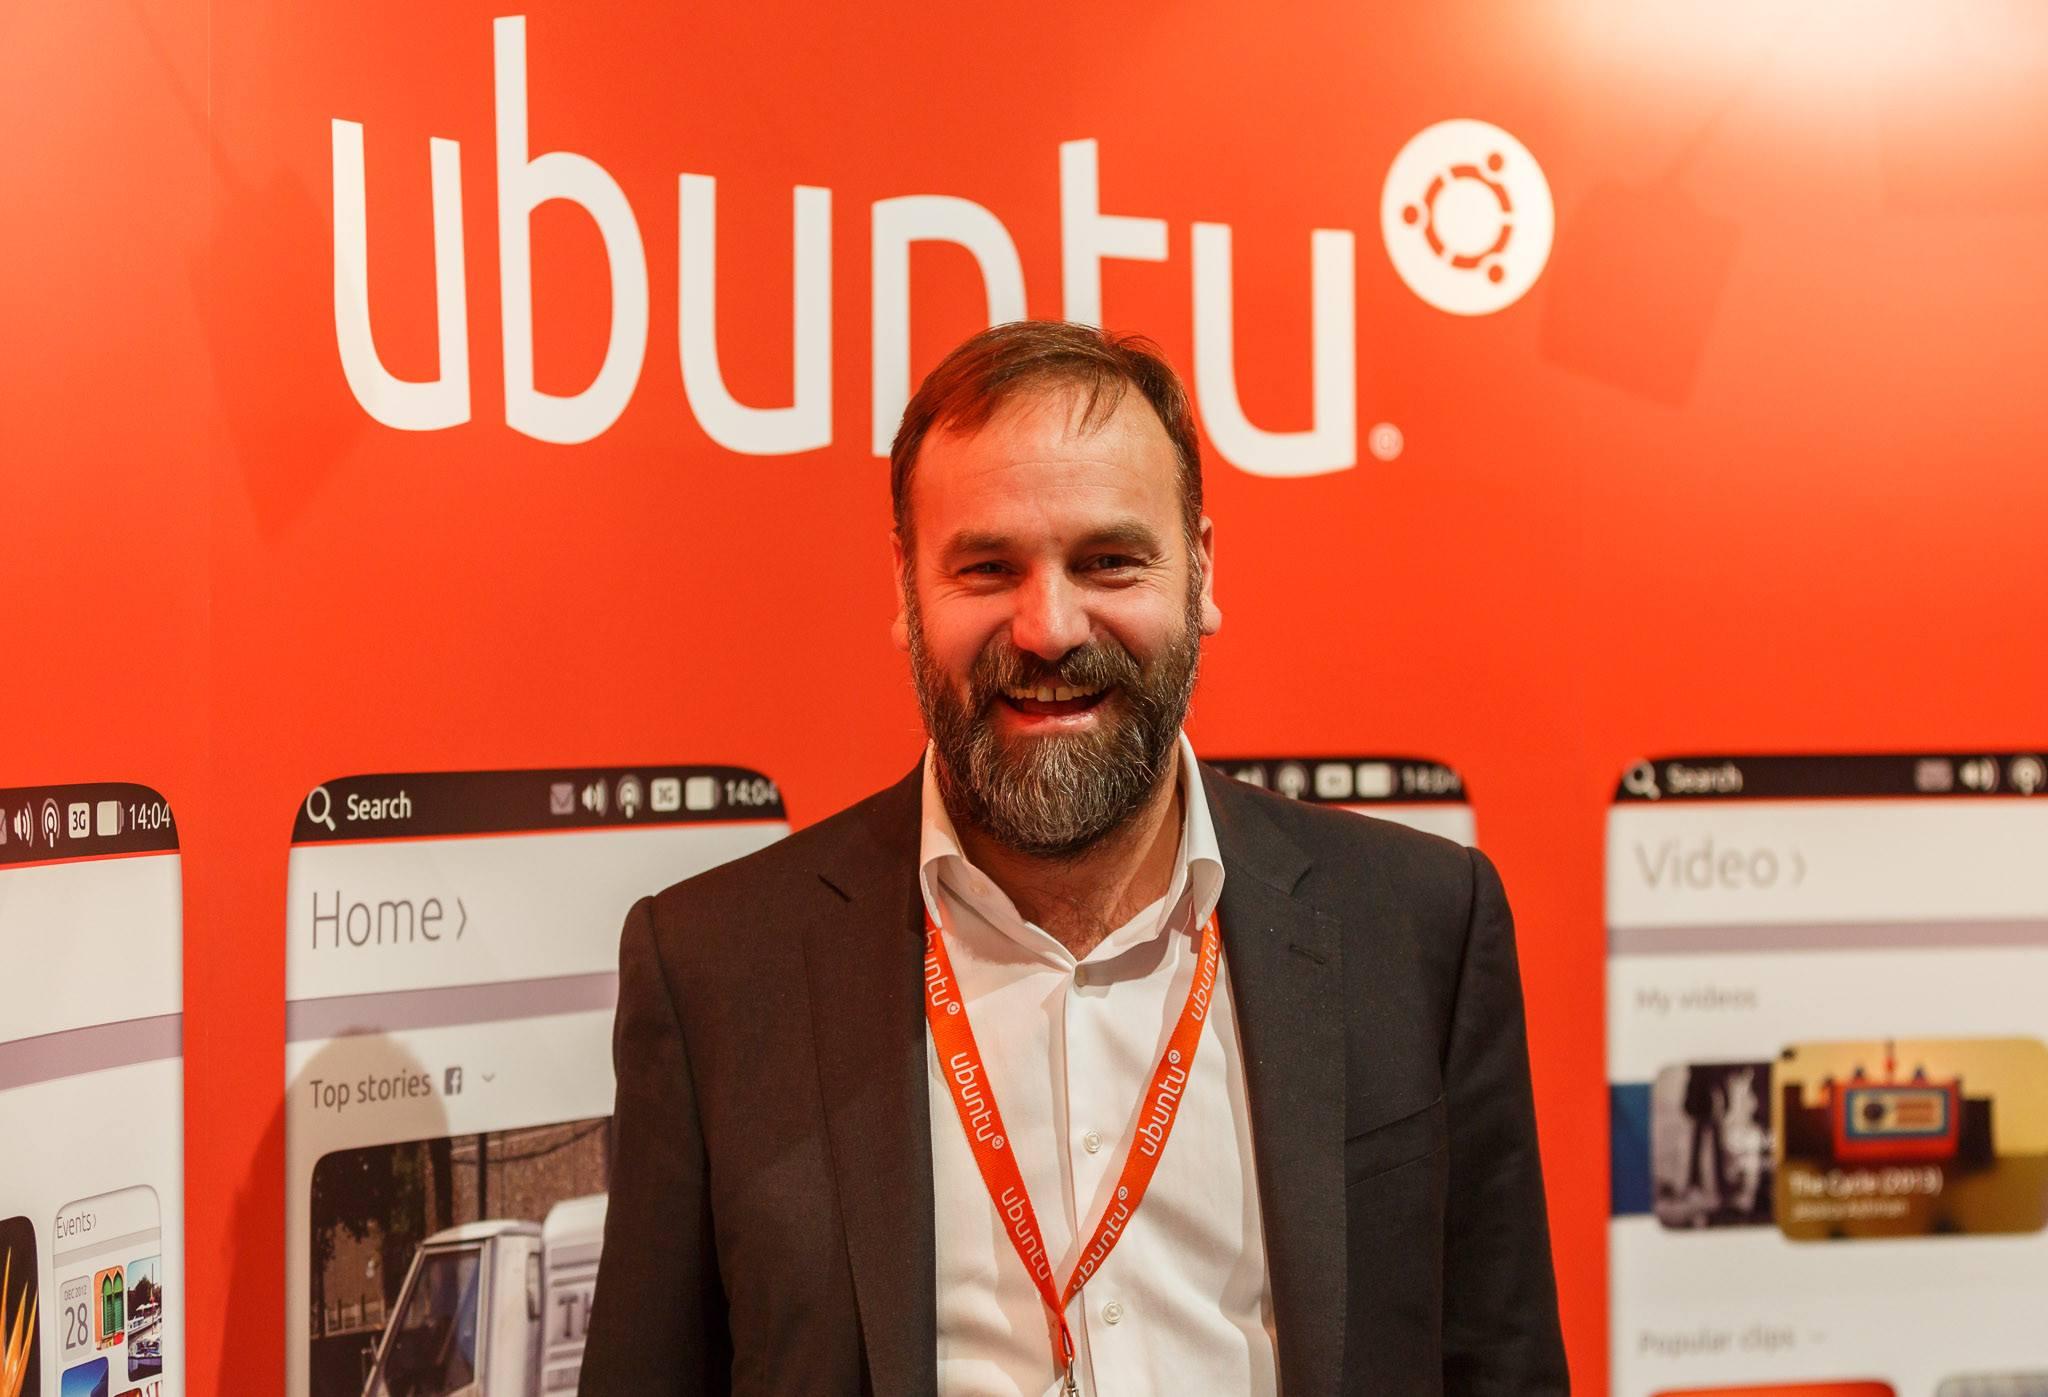 ubuntu là gì - 2